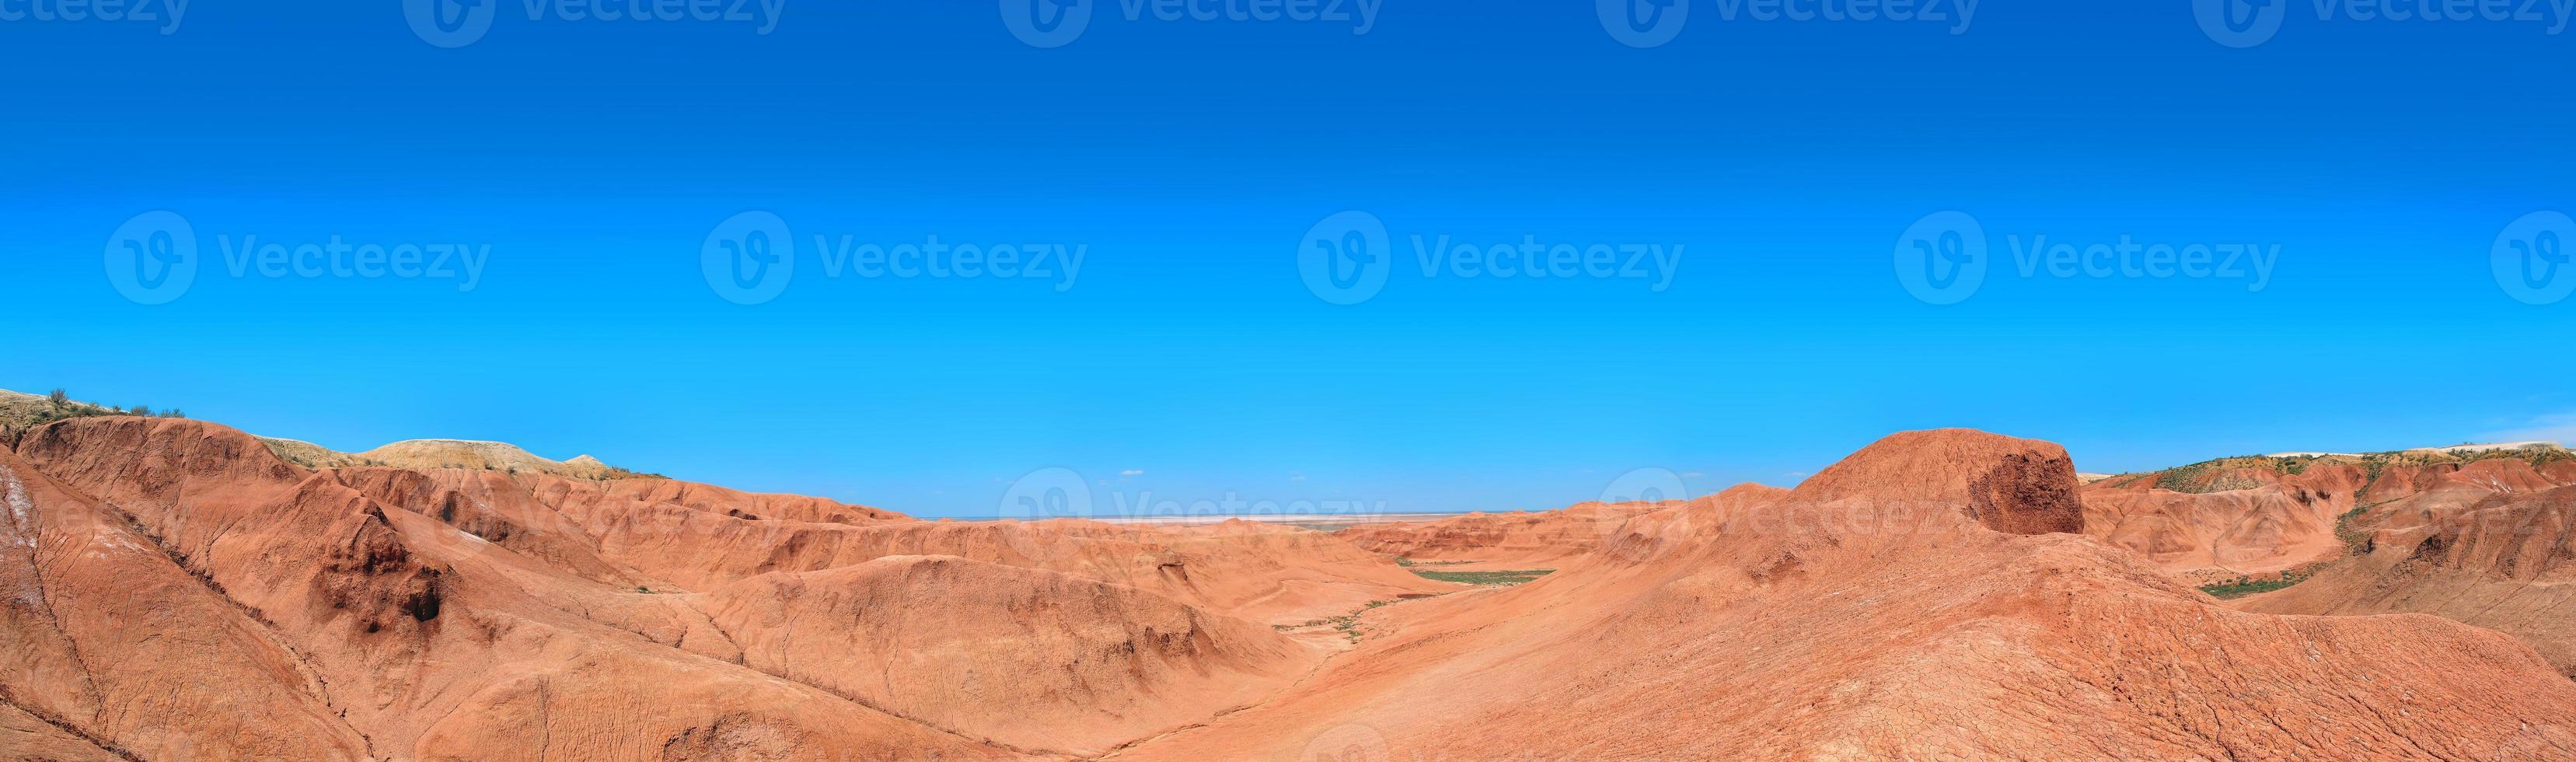 Tonwüste foto